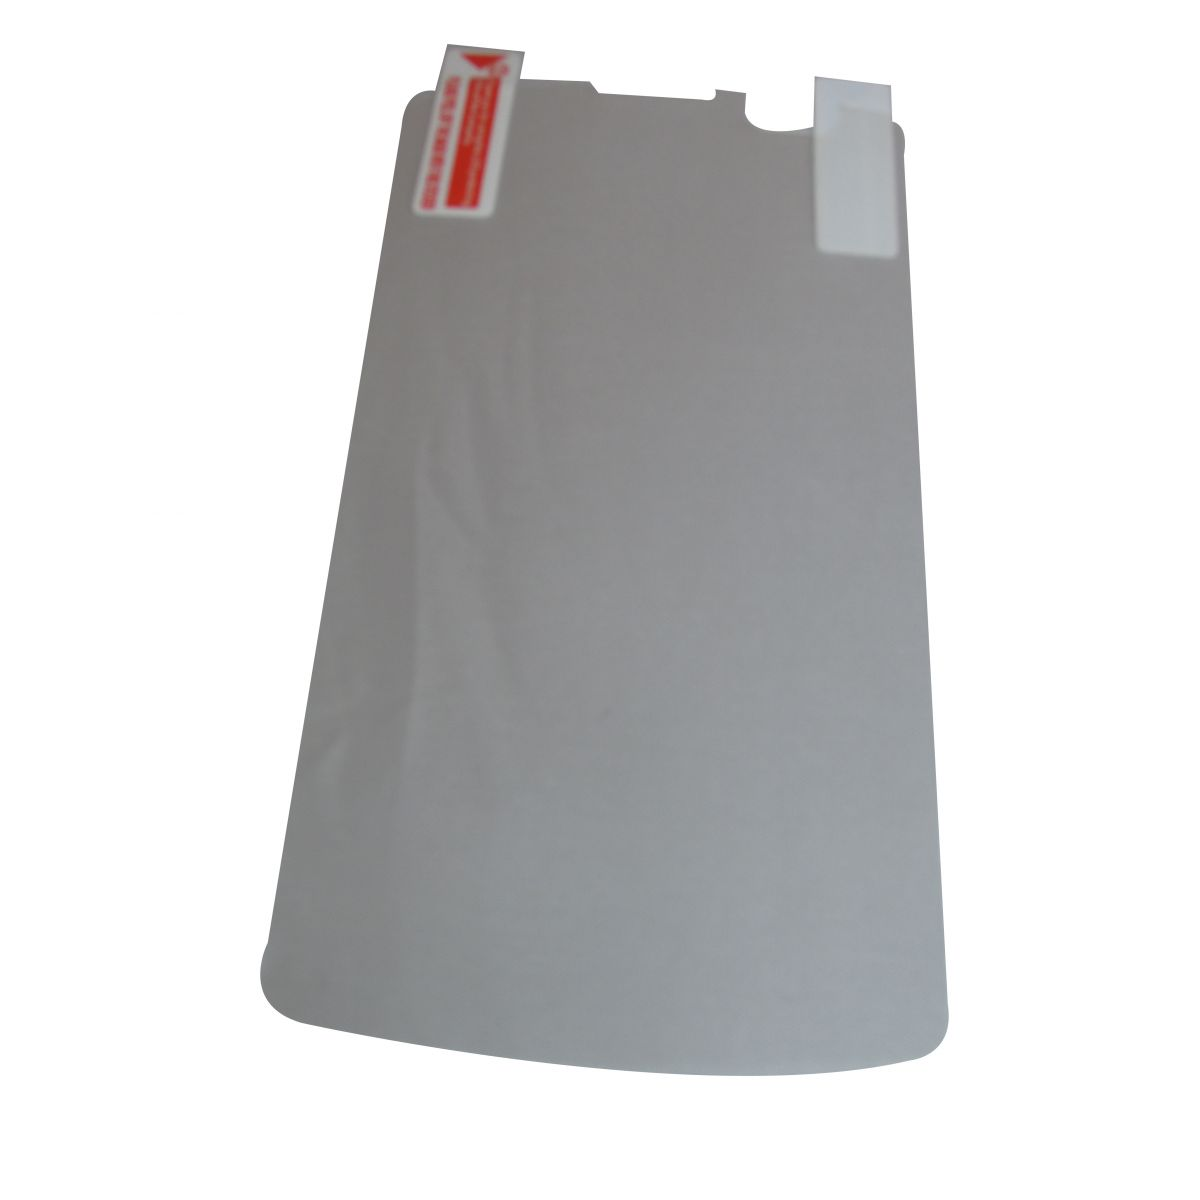 Película Protetora para Lg G2 Lite D295 - Fosca